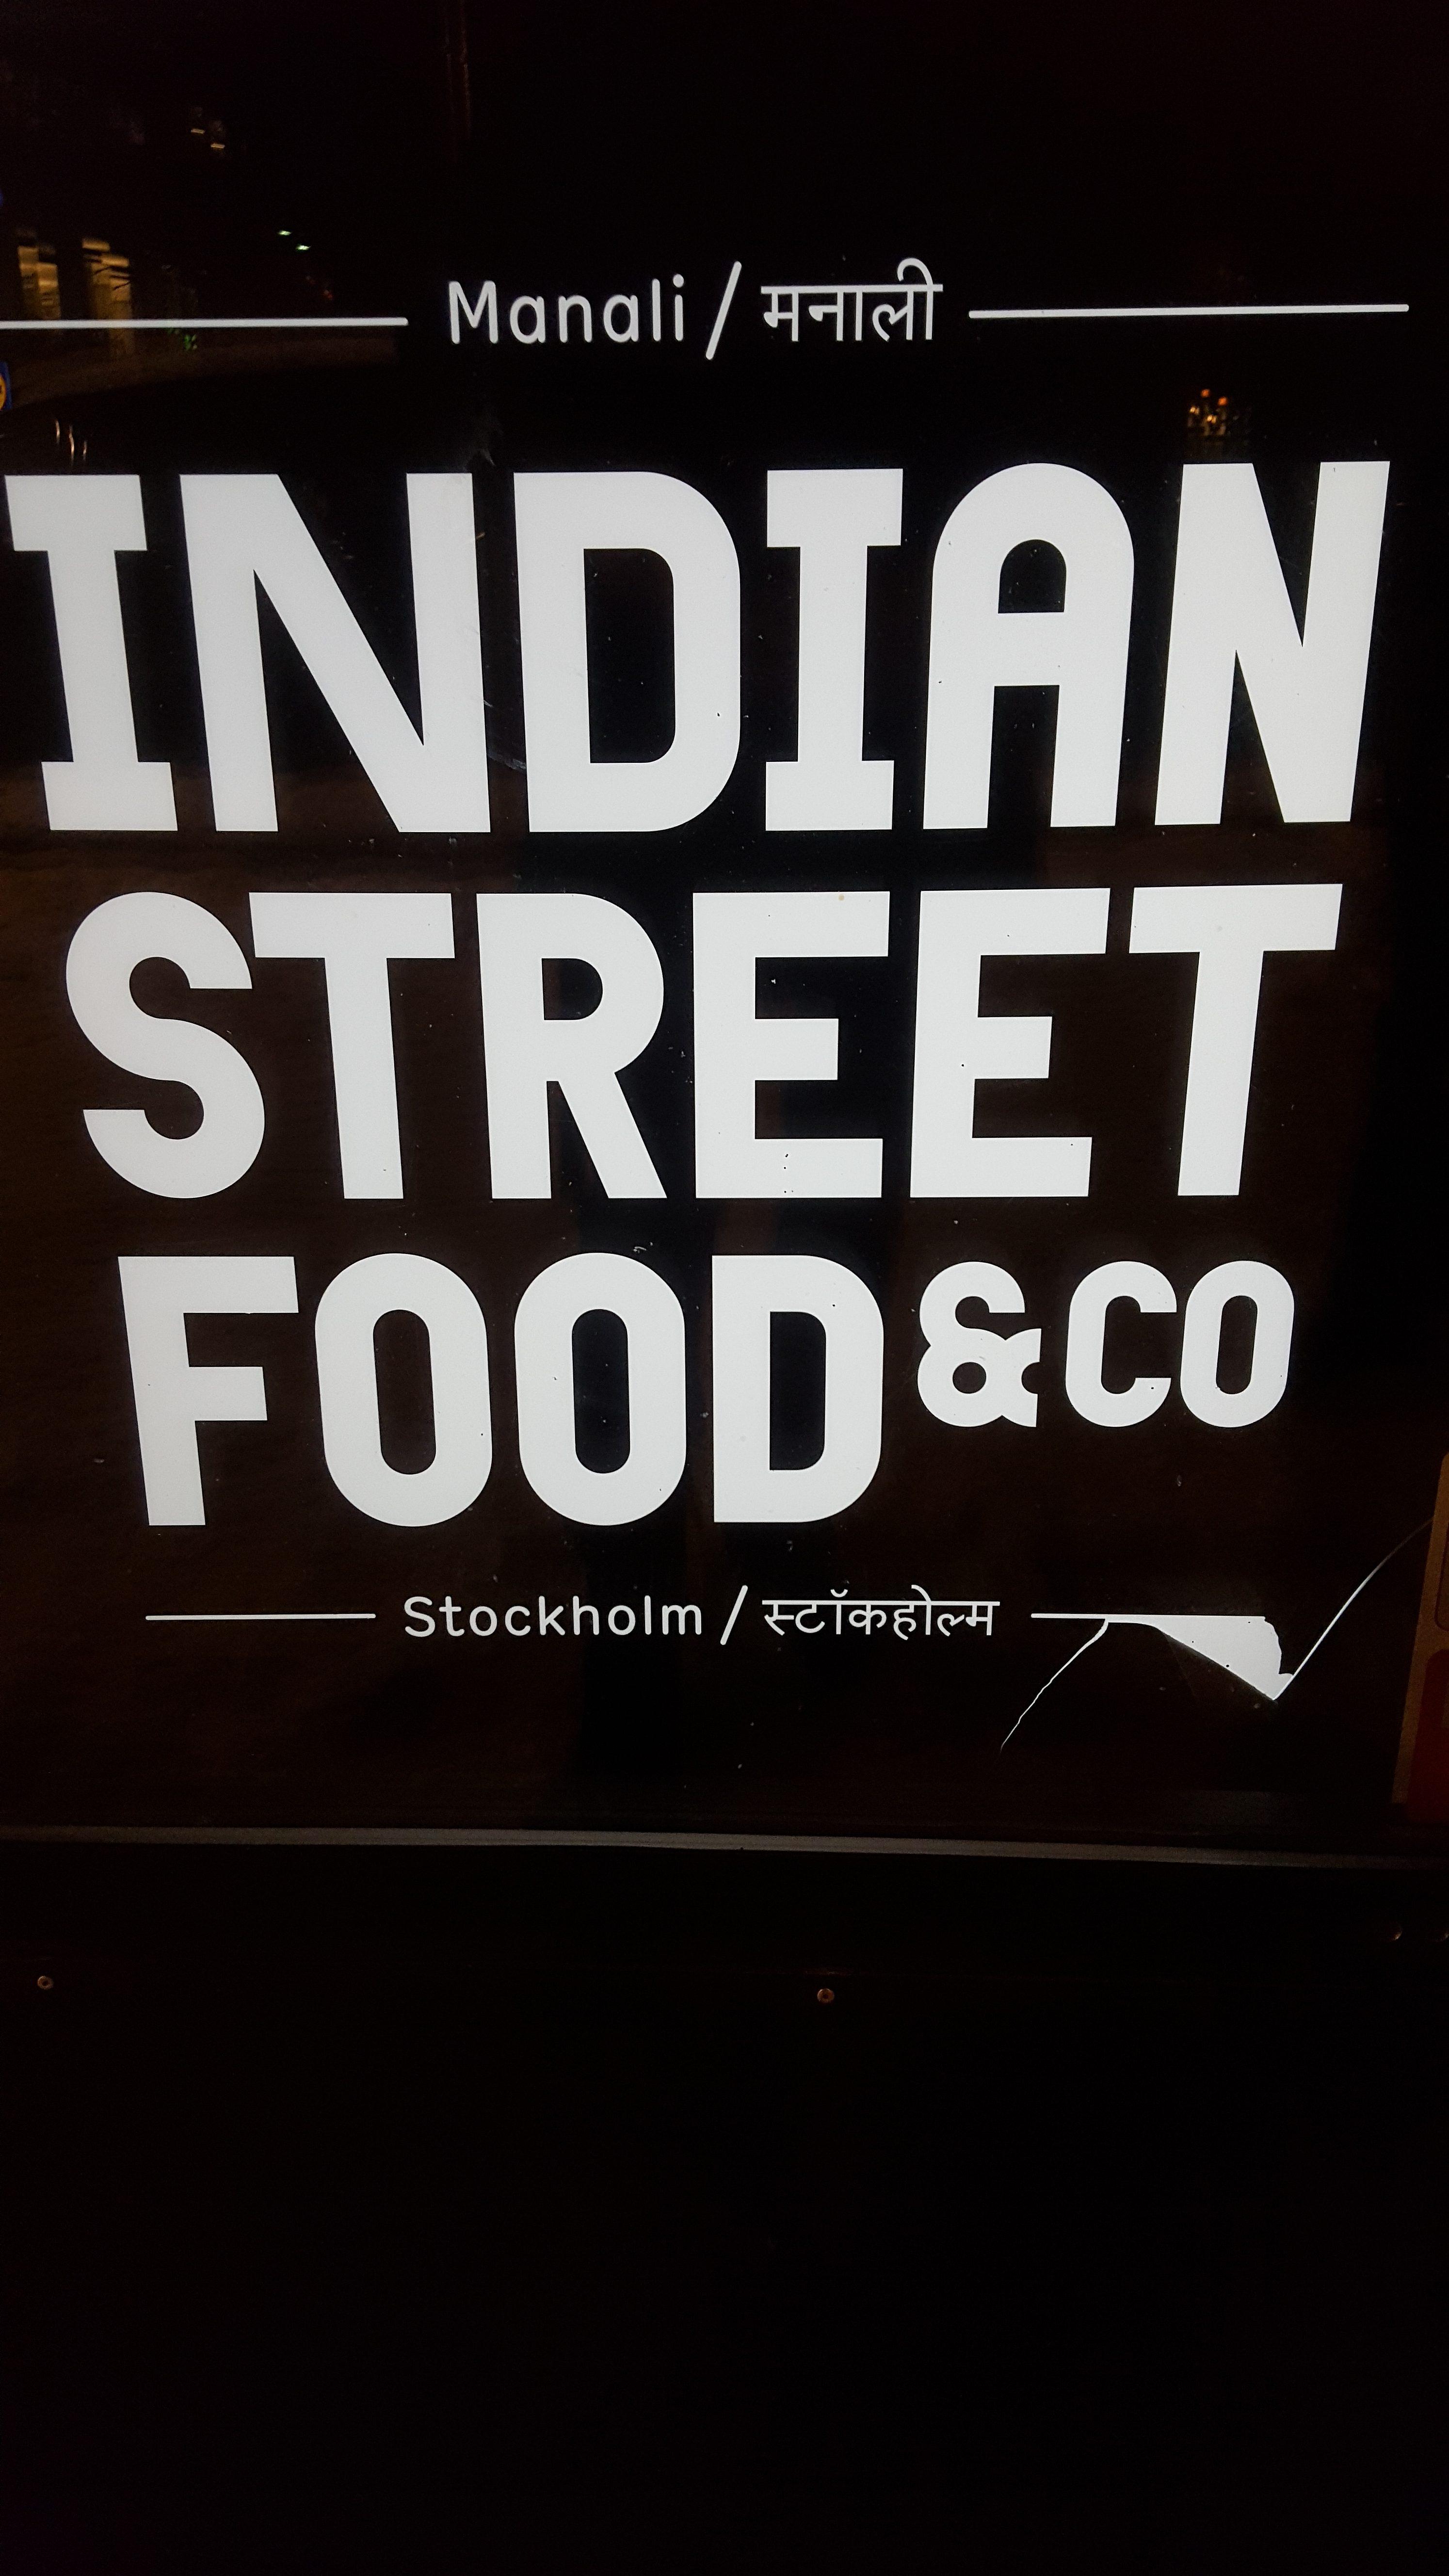 Vegetarian Food in Stockholm Indian Street Food & Co